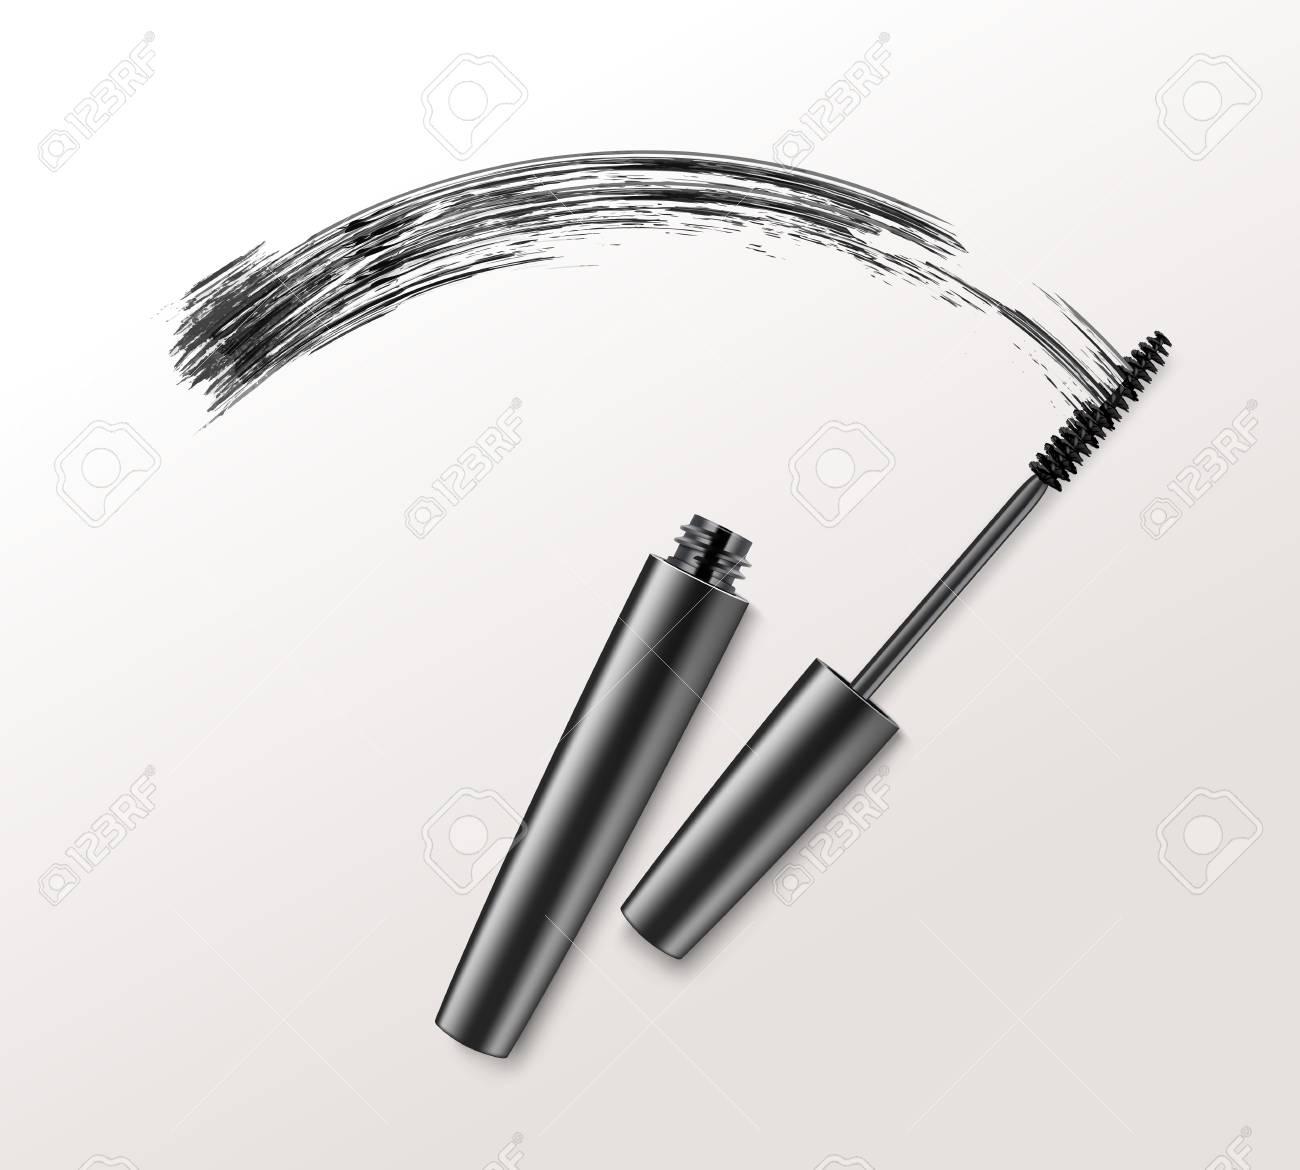 Black Mascara Brush Strockes on Background - 75283106